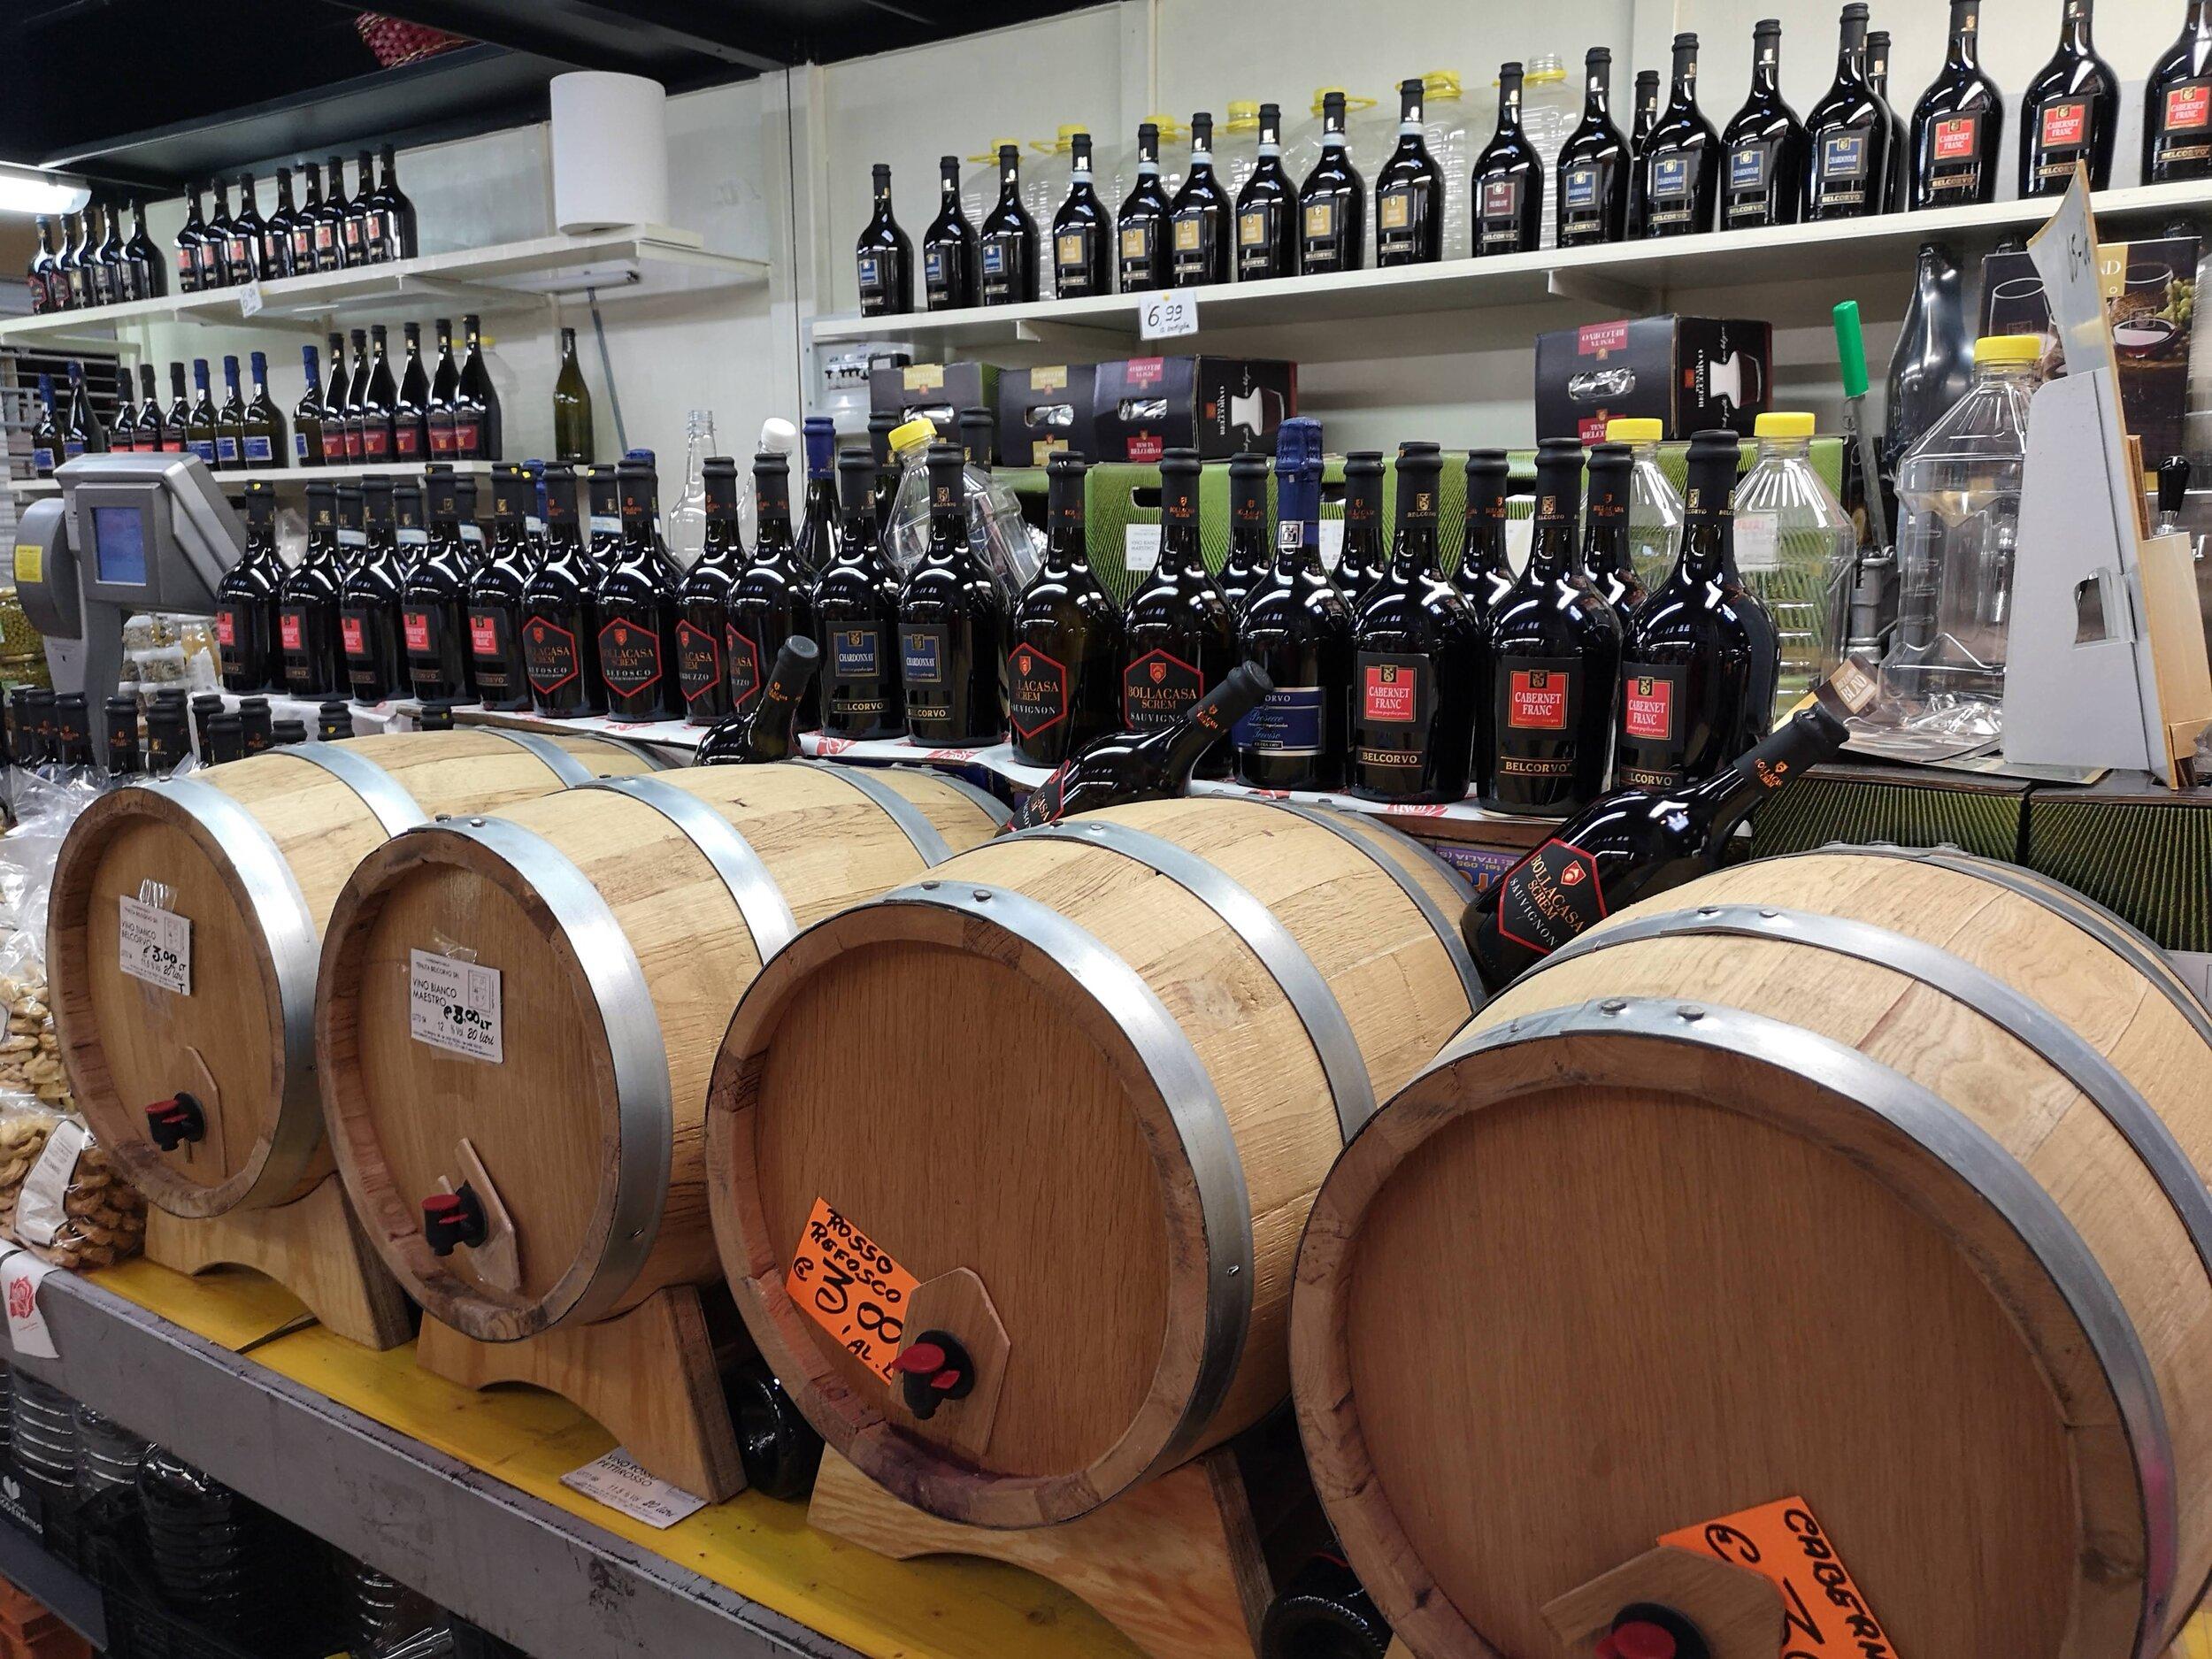 barrels of wine in market.jpg